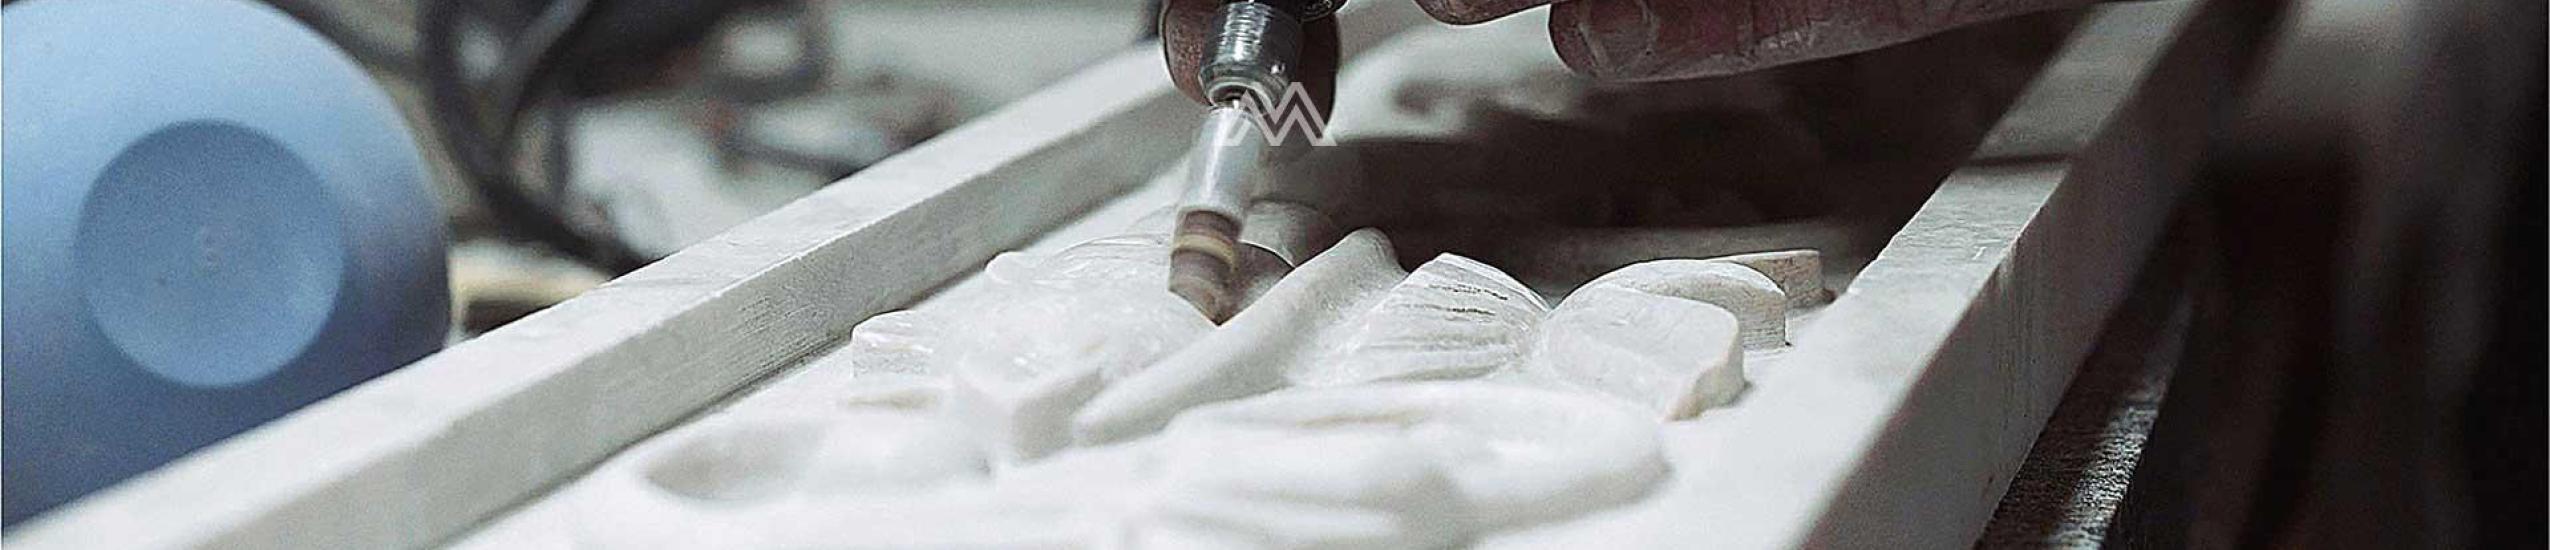 Operatore alla lavorazione dei materiali lapidei